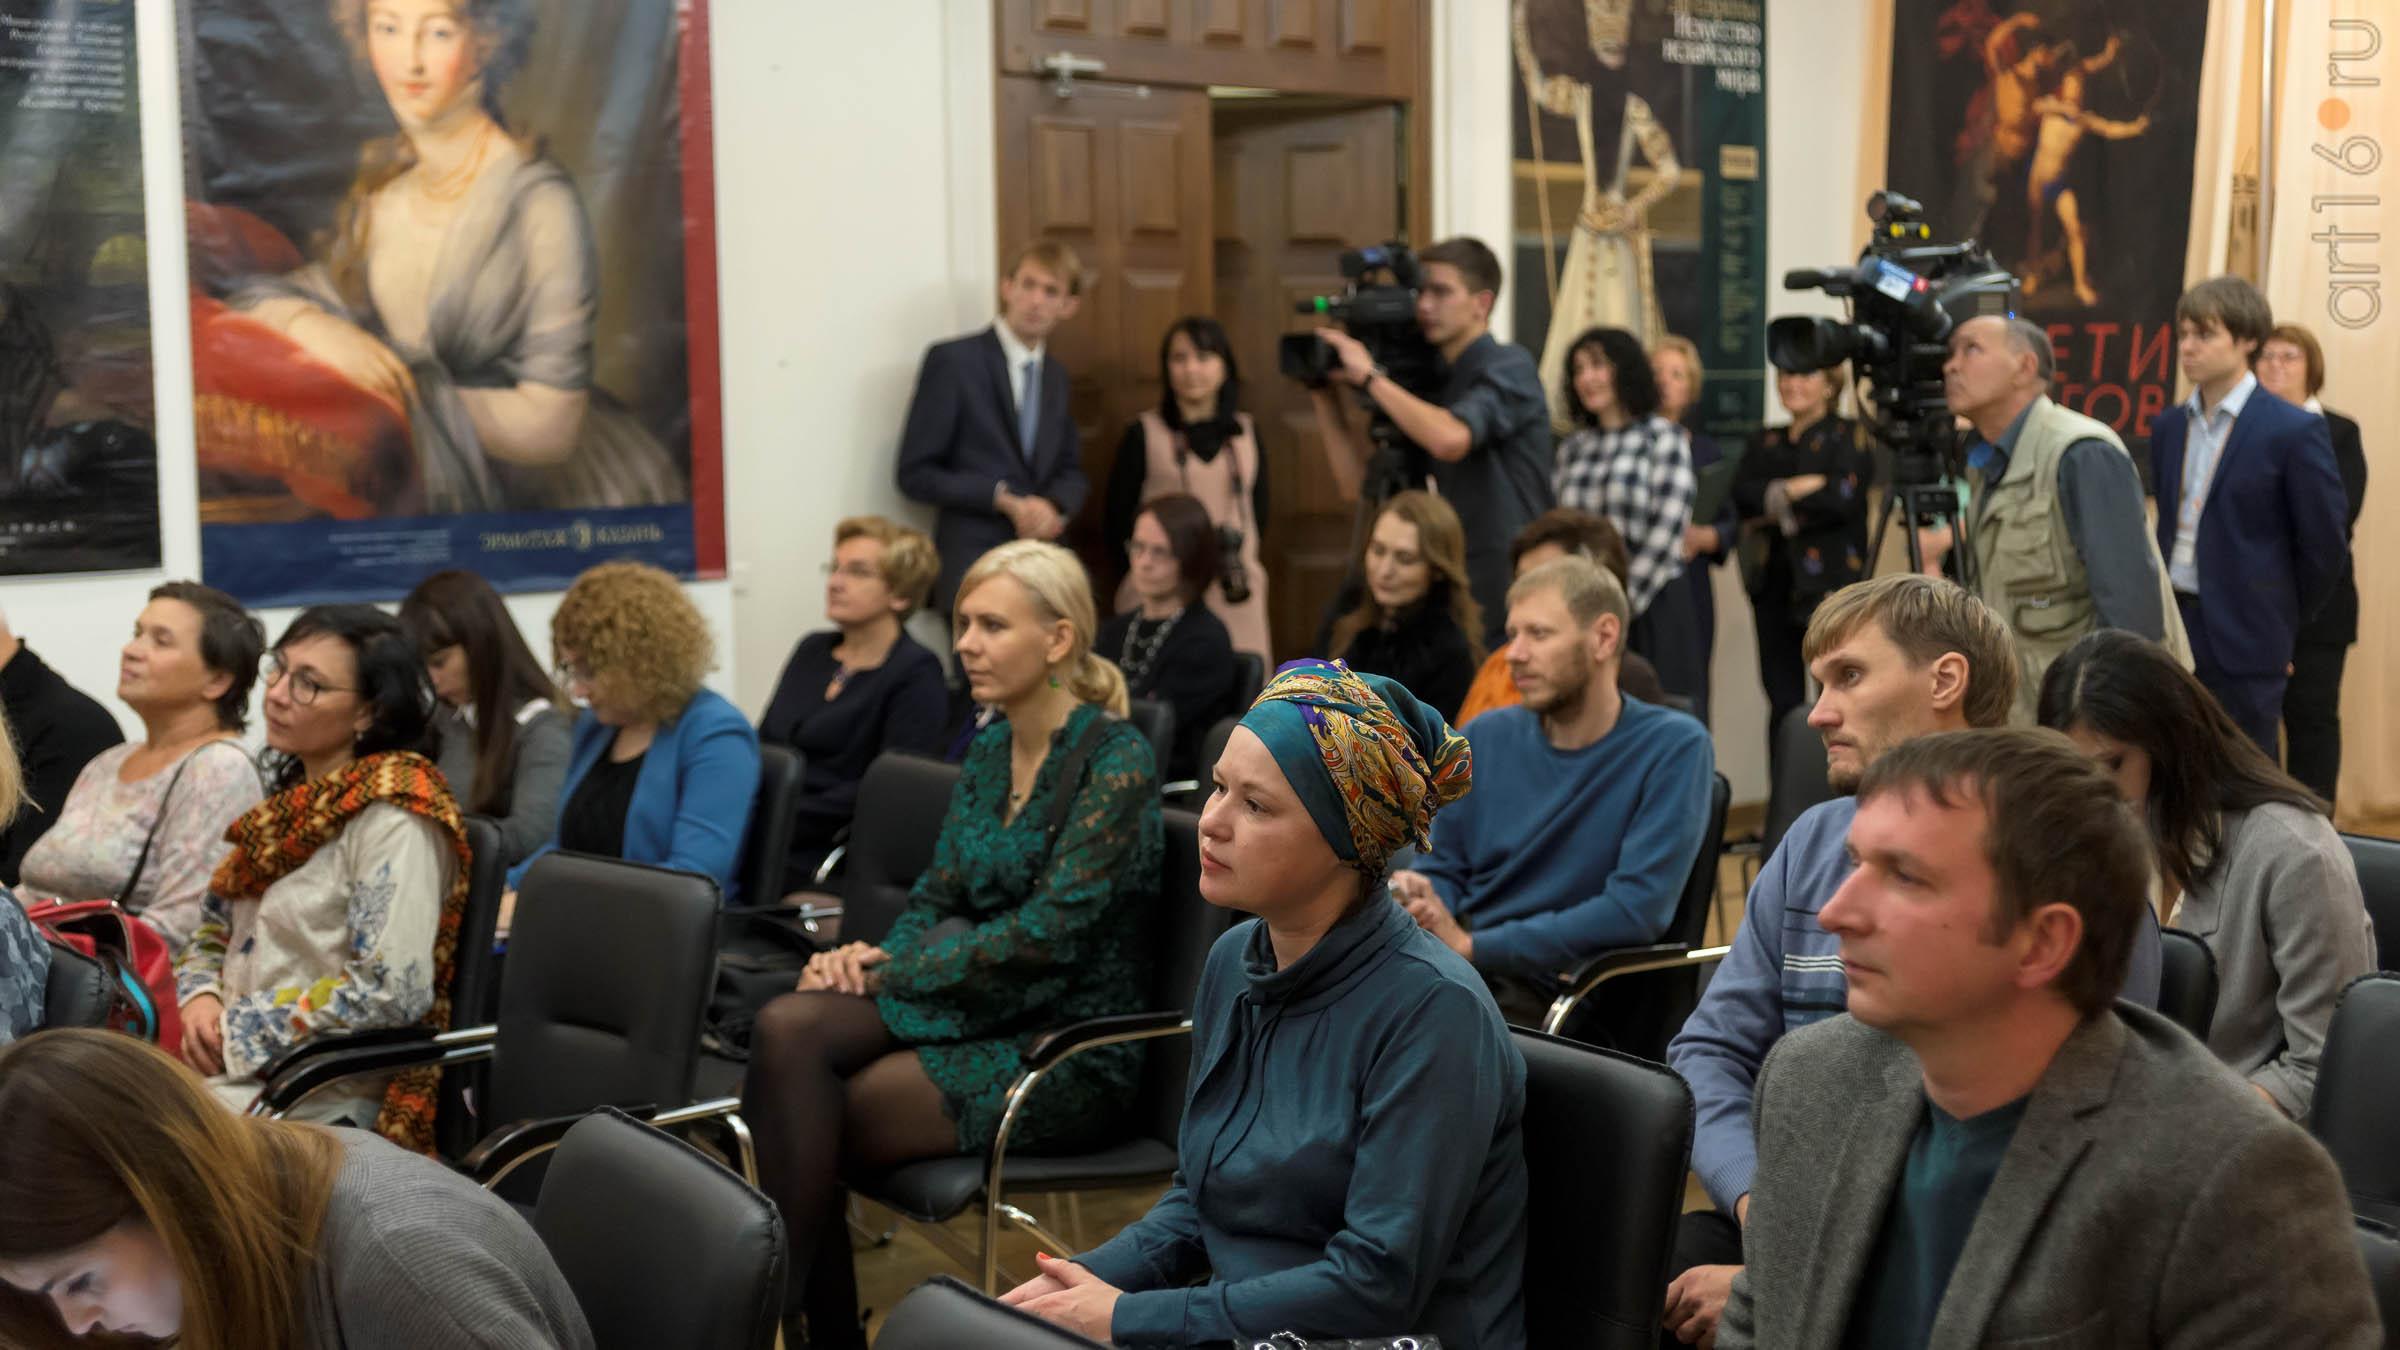 Пресс-конференция перед открытием выставки ʺПод прозрачным льдом глазуриʺ::Фарфор Петербурга. Под прозрачным льдом глазури